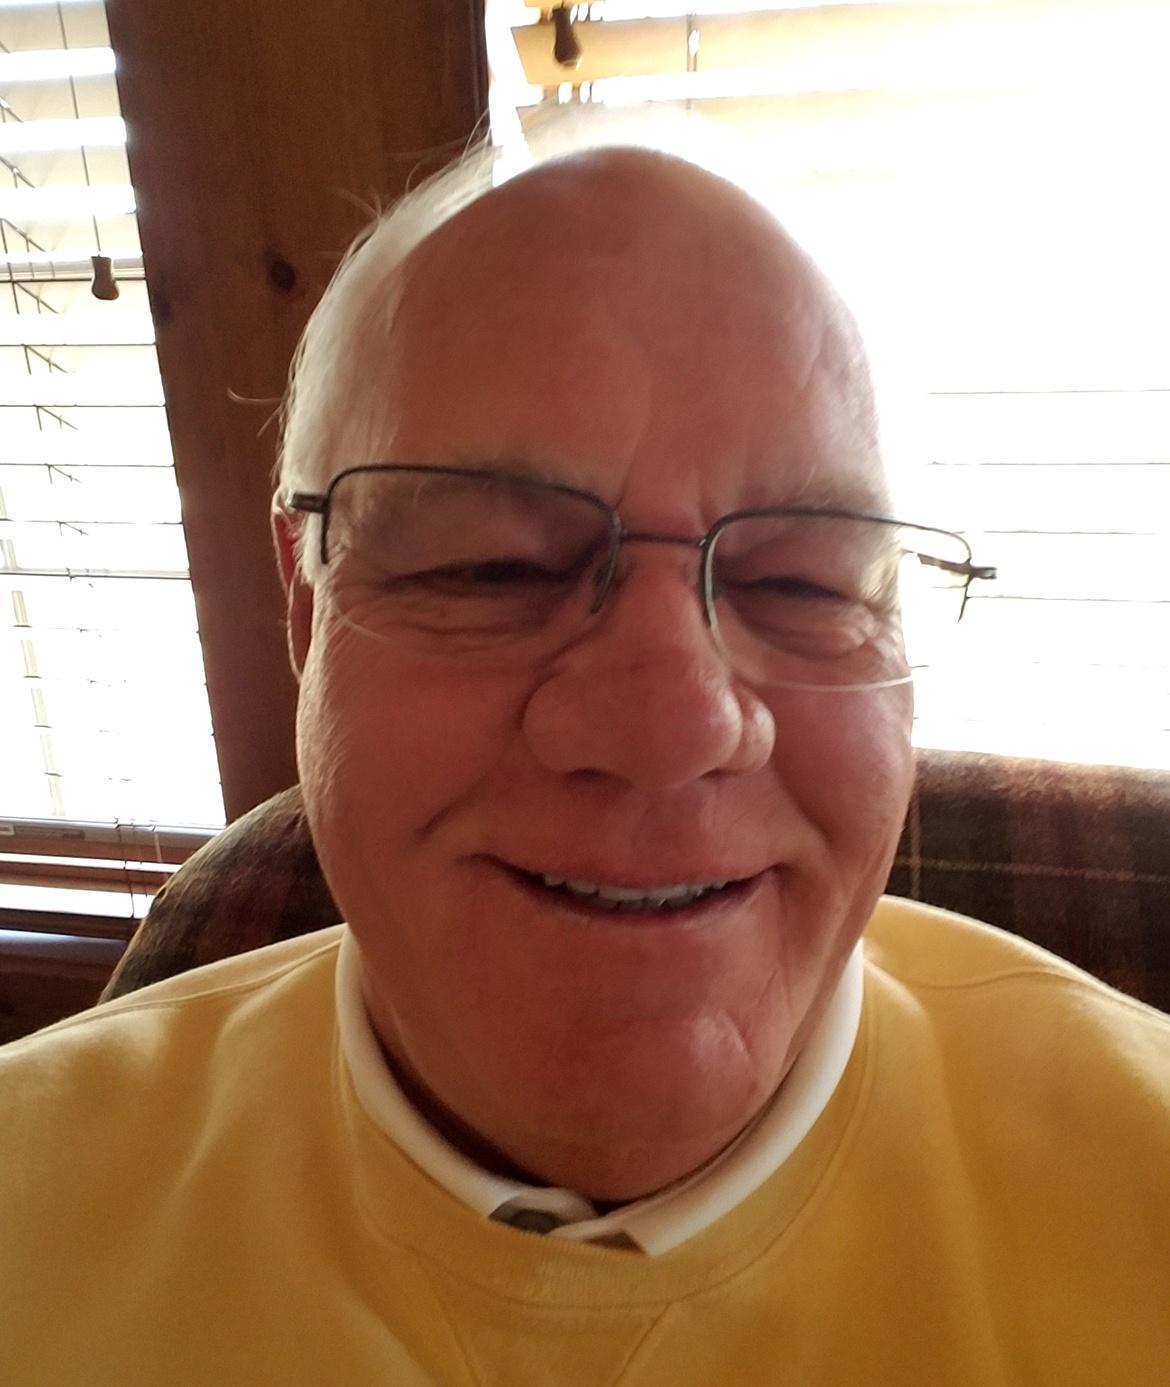 Stephen Roeder selfie